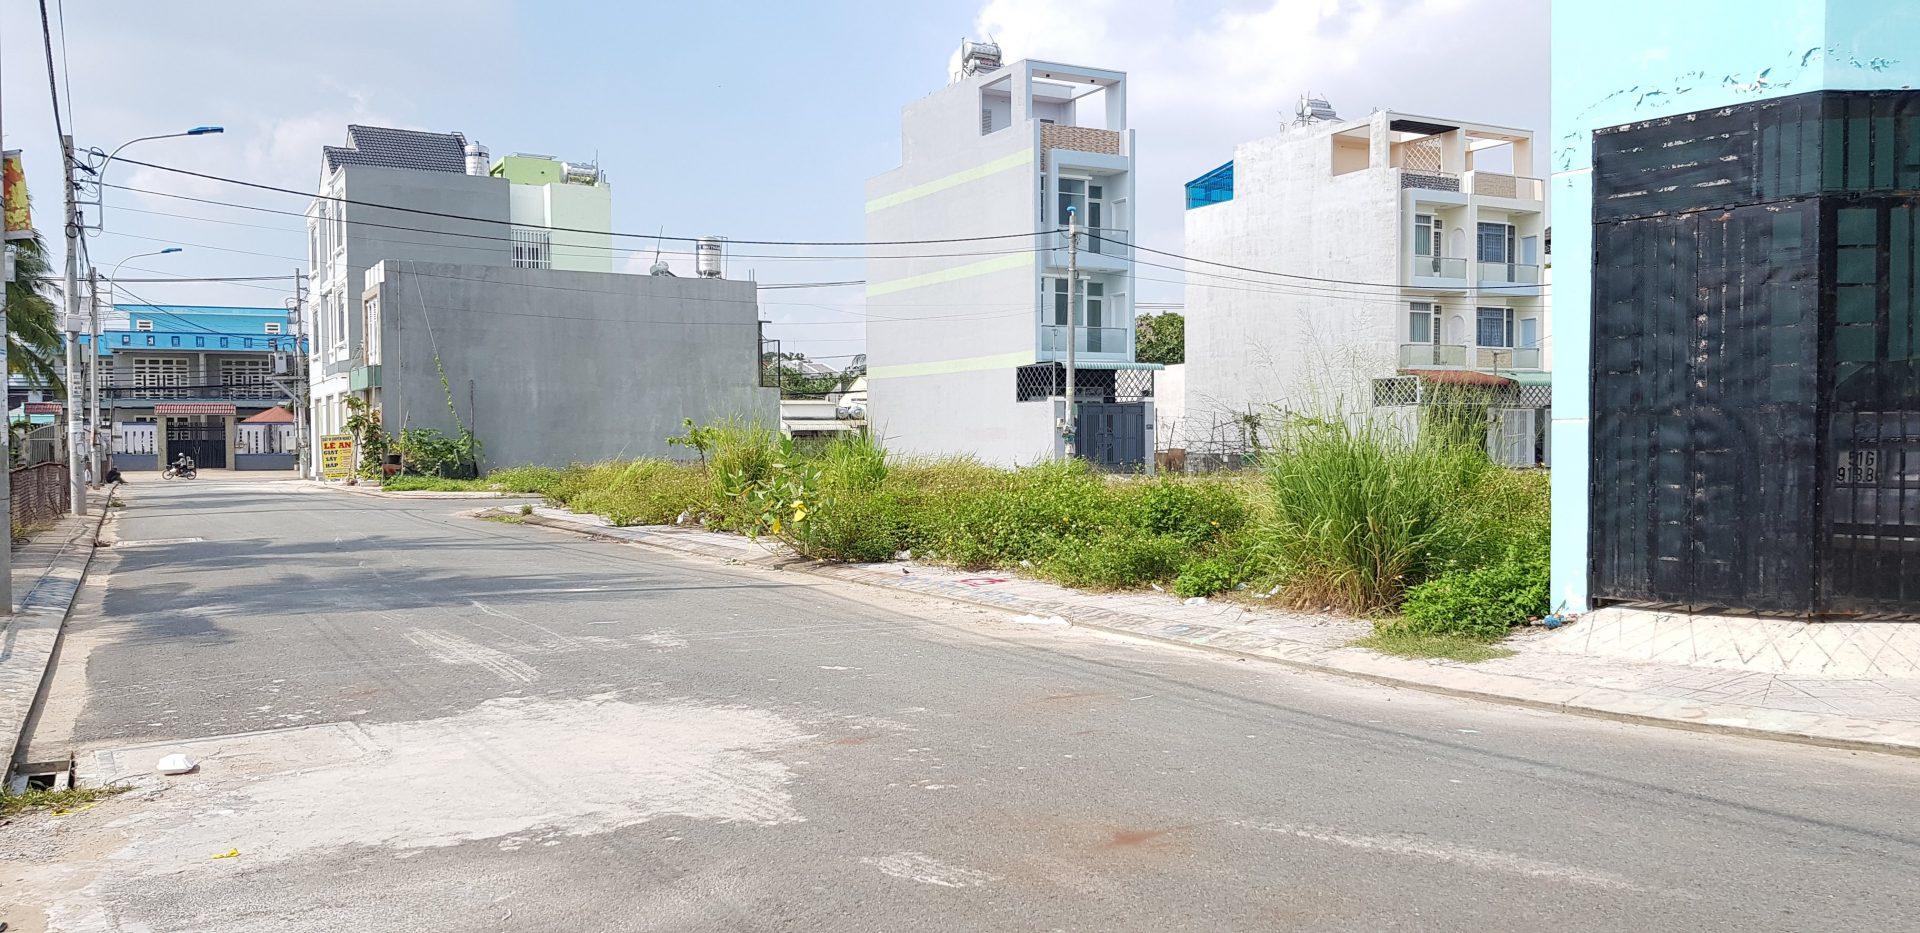 Bán Đất Trường Thạnh Quận 9, DT 55m2, dự án Mặt Tiền đường Lò Lu, cạnh căn hộ HausNima EZLand